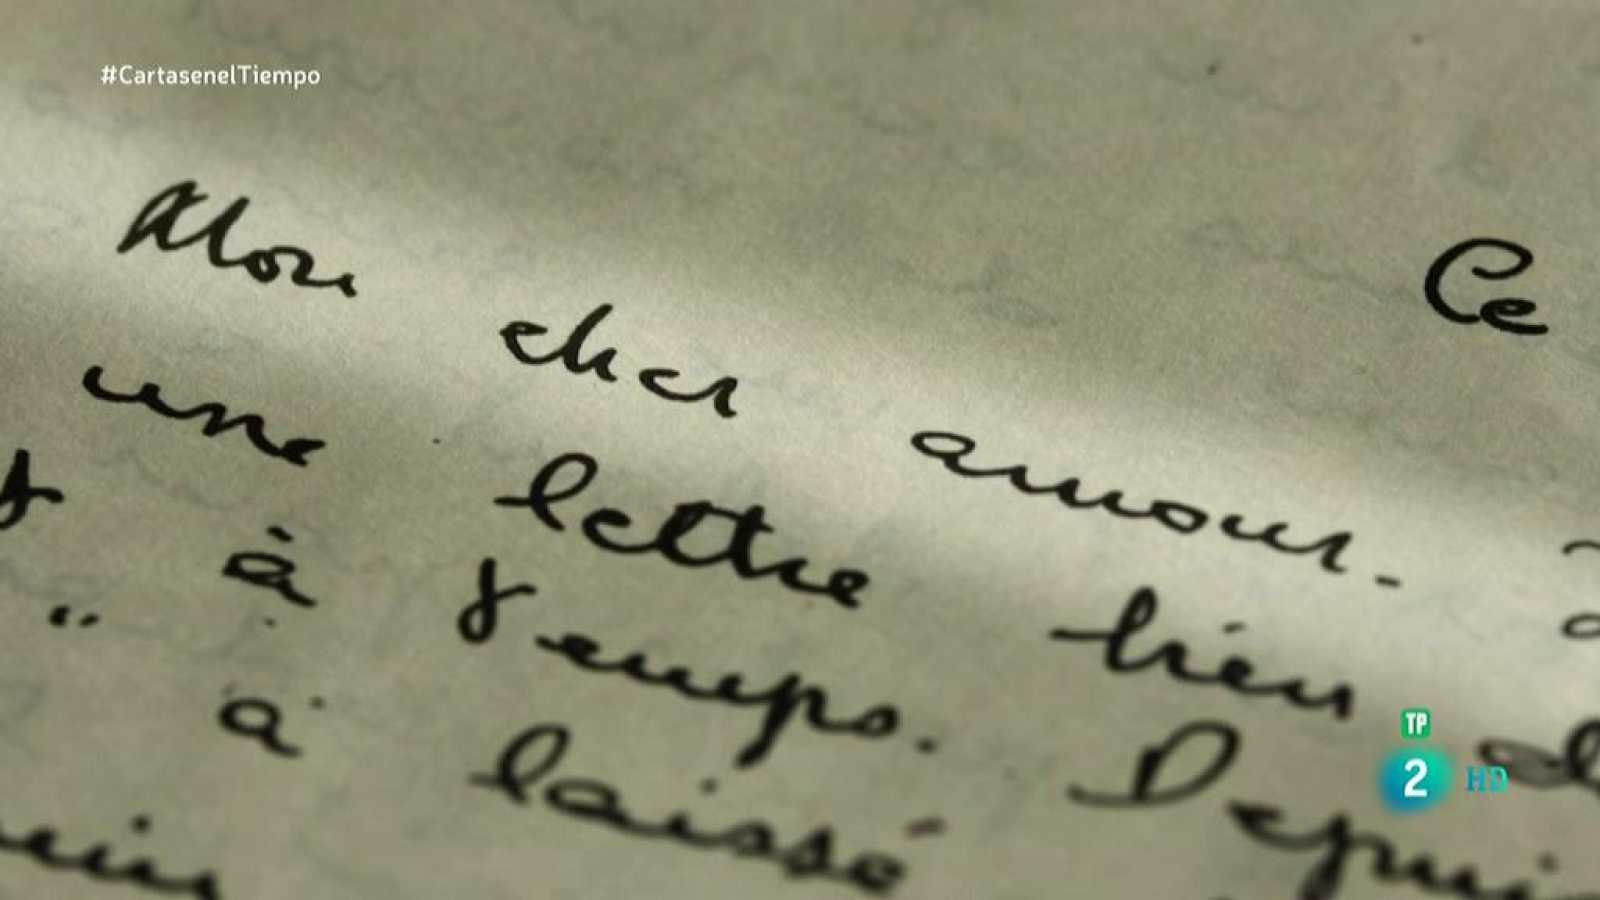 Cartas en el tiempo - Amores difíciles: Carta de María Casares a Albert Camus